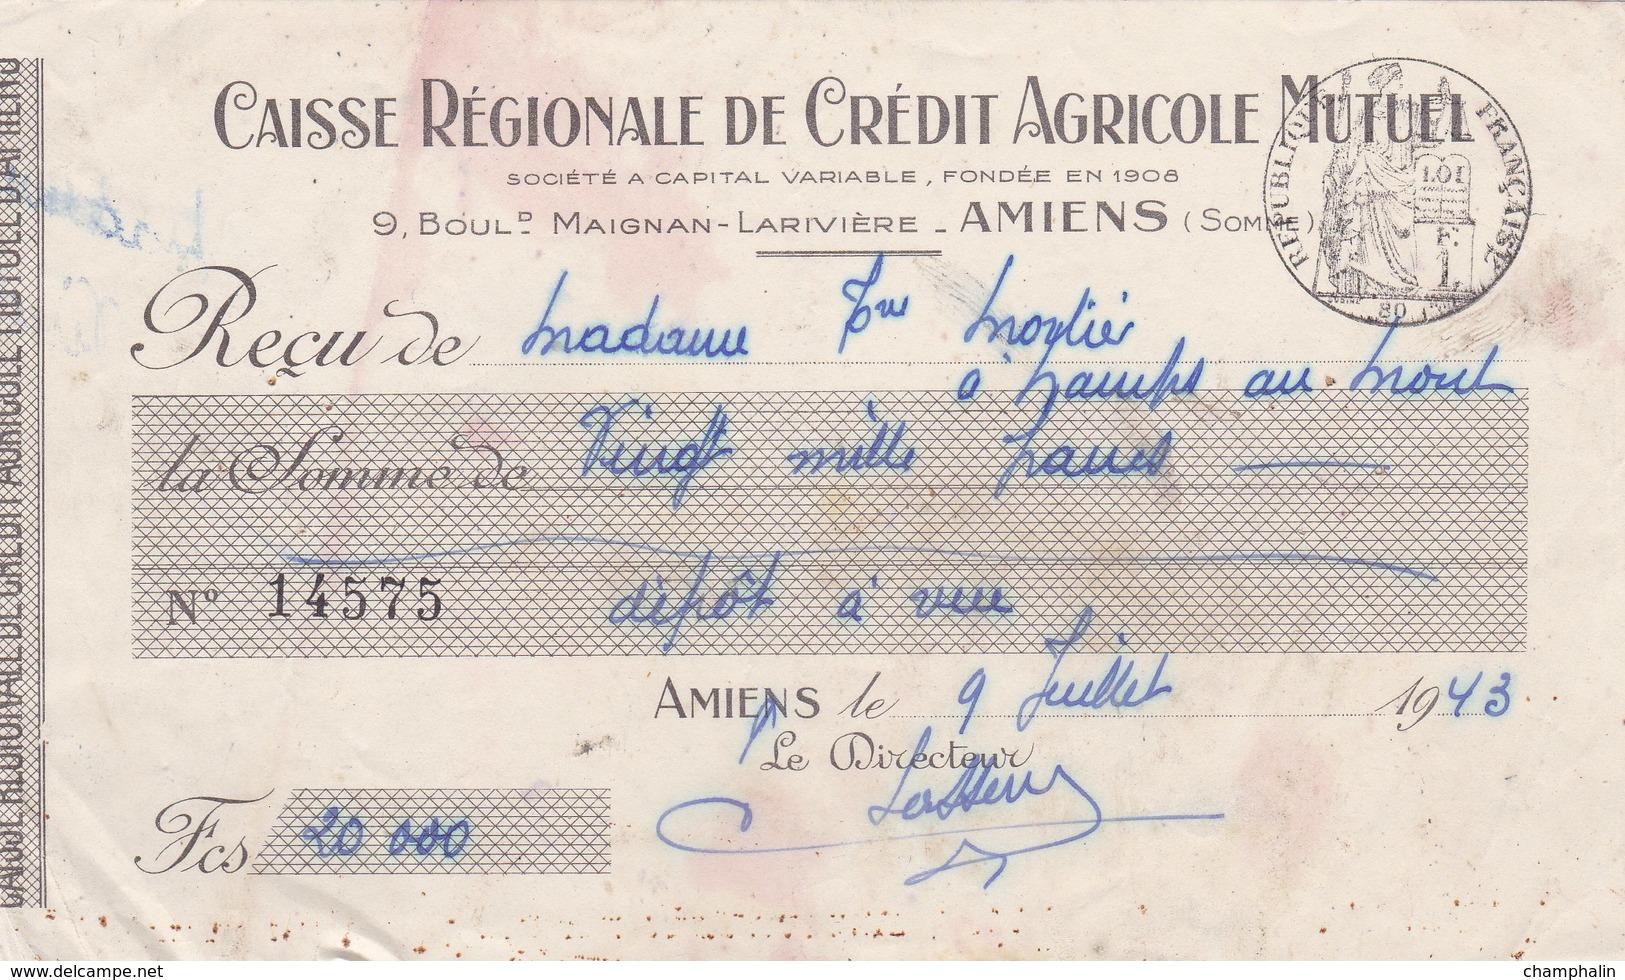 Reçu Du 9 Juillet 1943 - Namps-au-Mont & Amiens (80) - Cachet 80c - Caisse Régionale De Crédit Agricole Mutuel - Bills Of Exchange